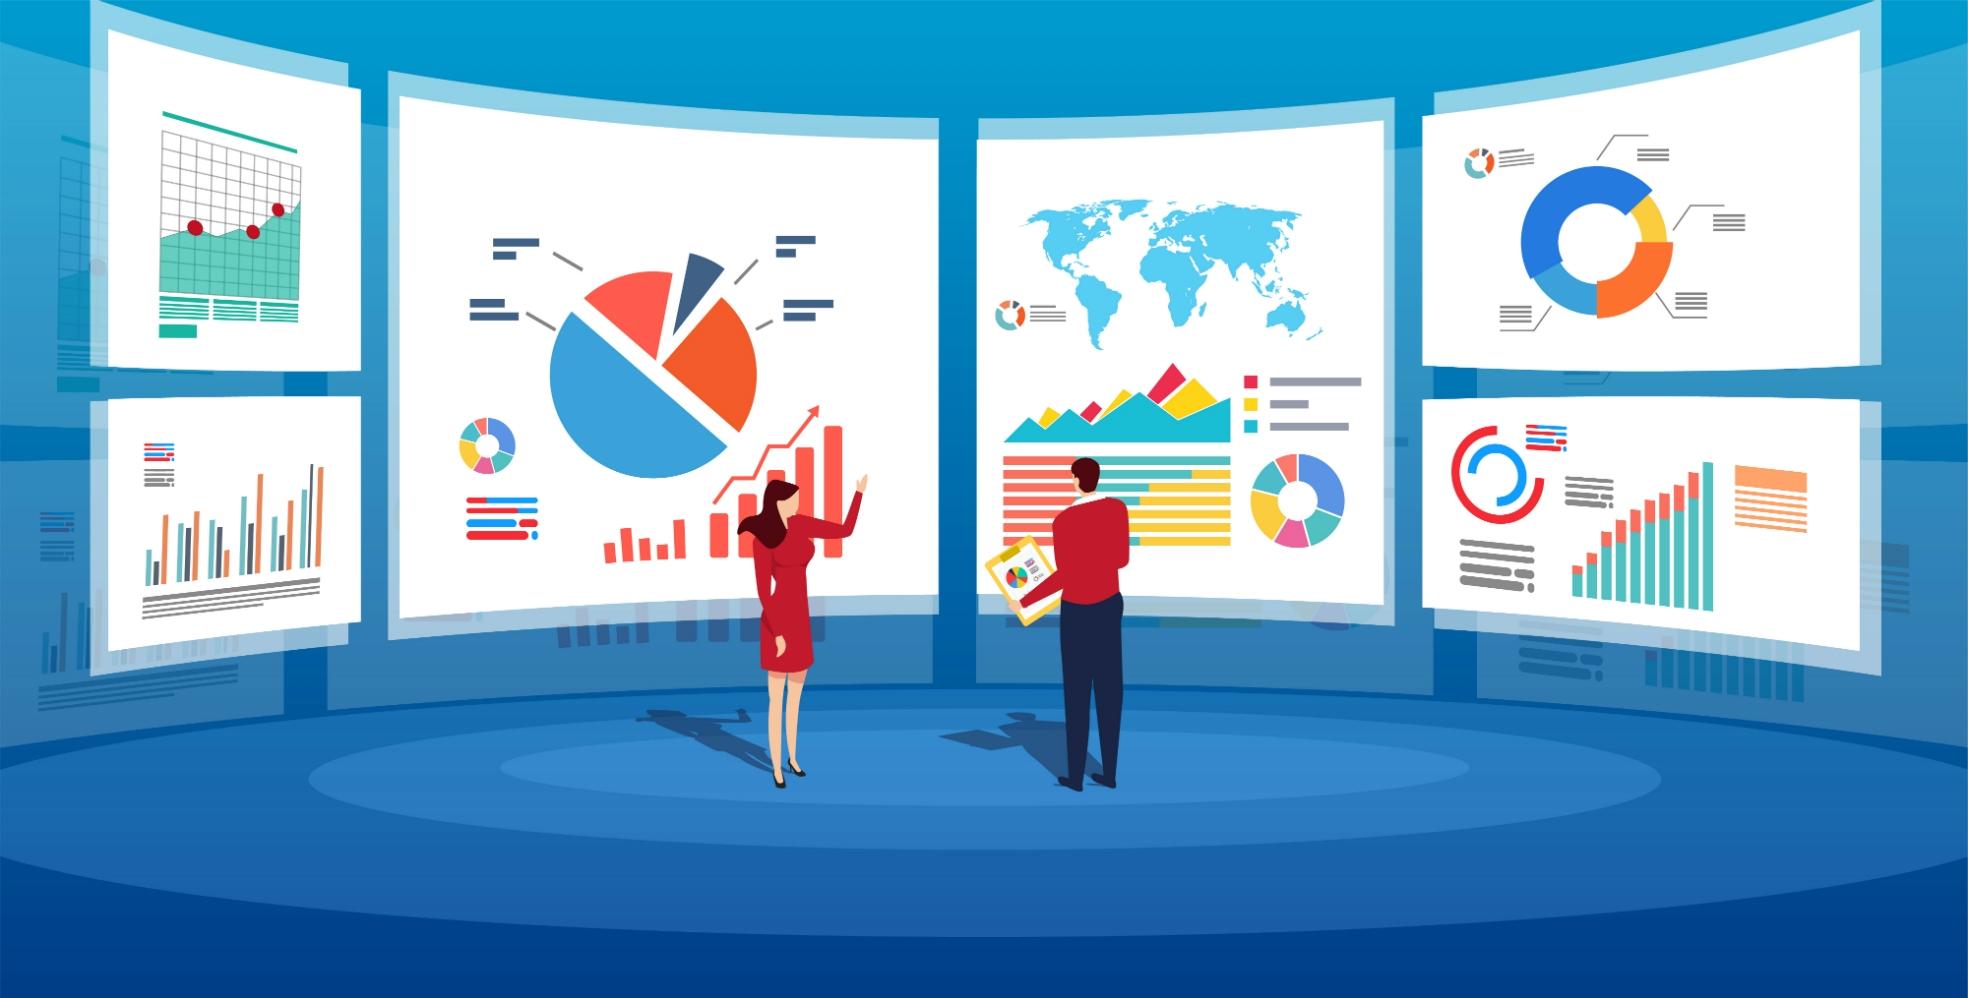 Markt onderzoek doen stappenplan bedrijf marktonderzoeksbureau